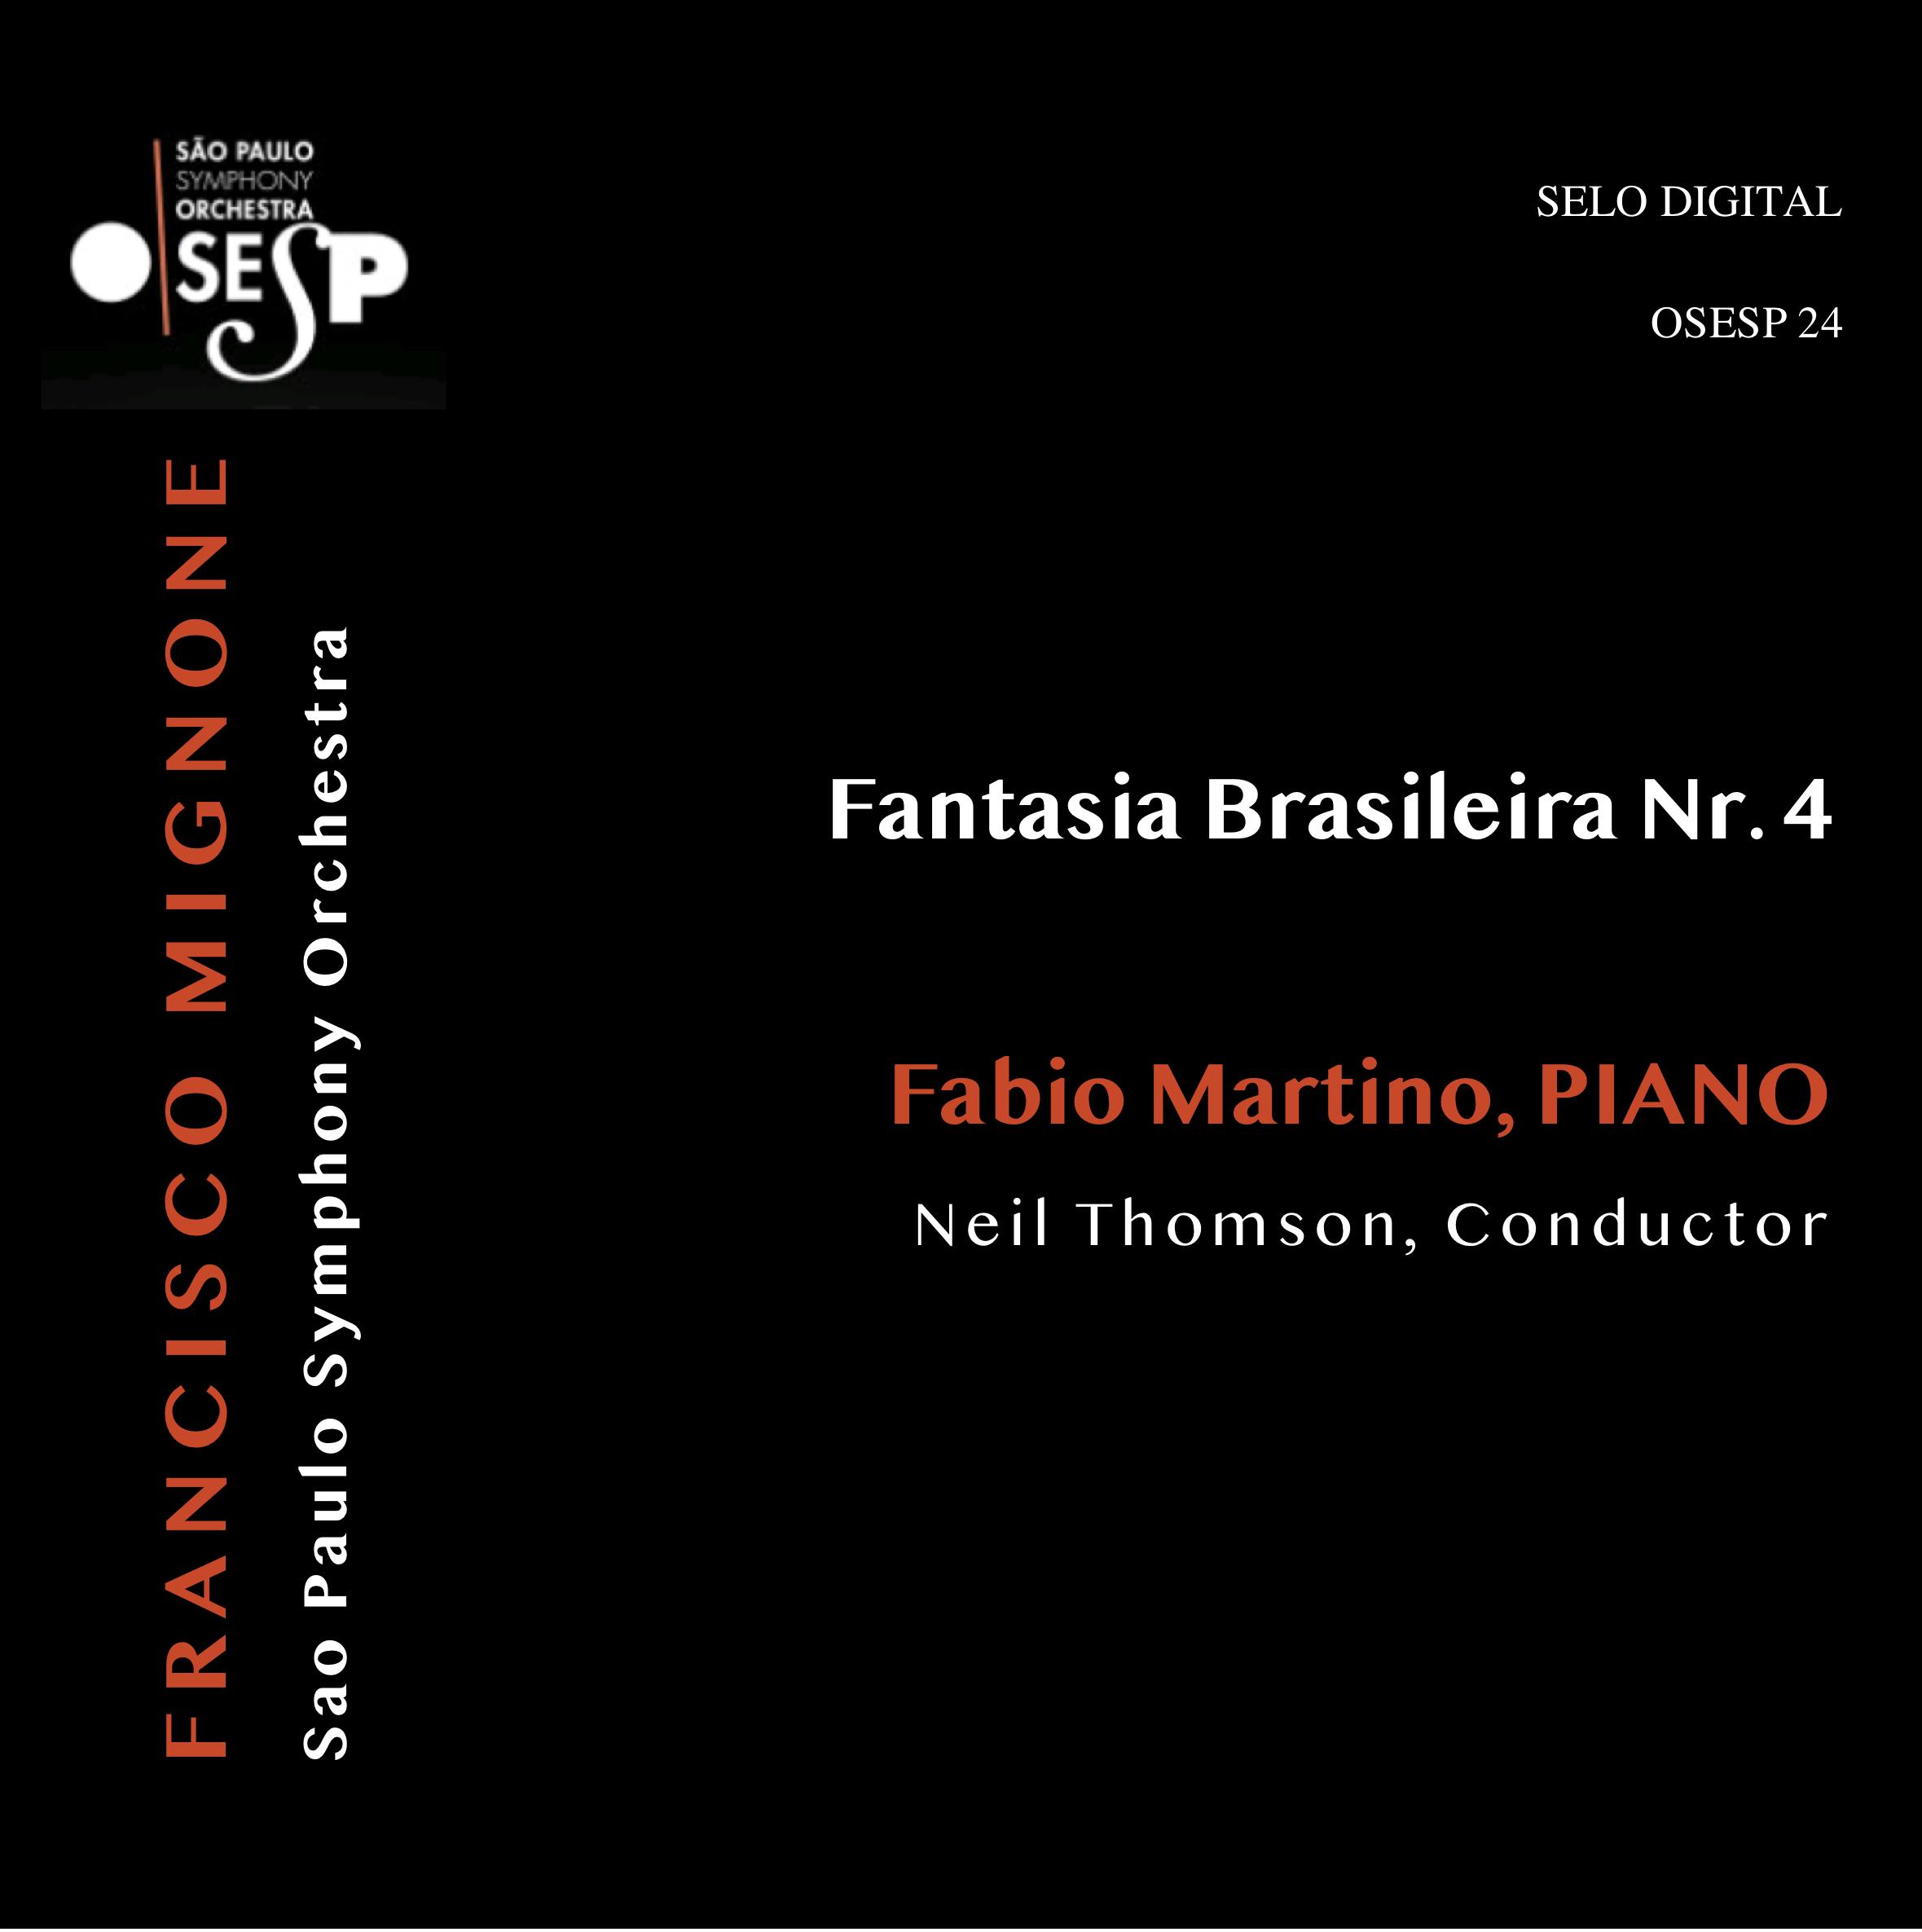 Francisco Mignone – Fantasia Brasileira Nr. 4